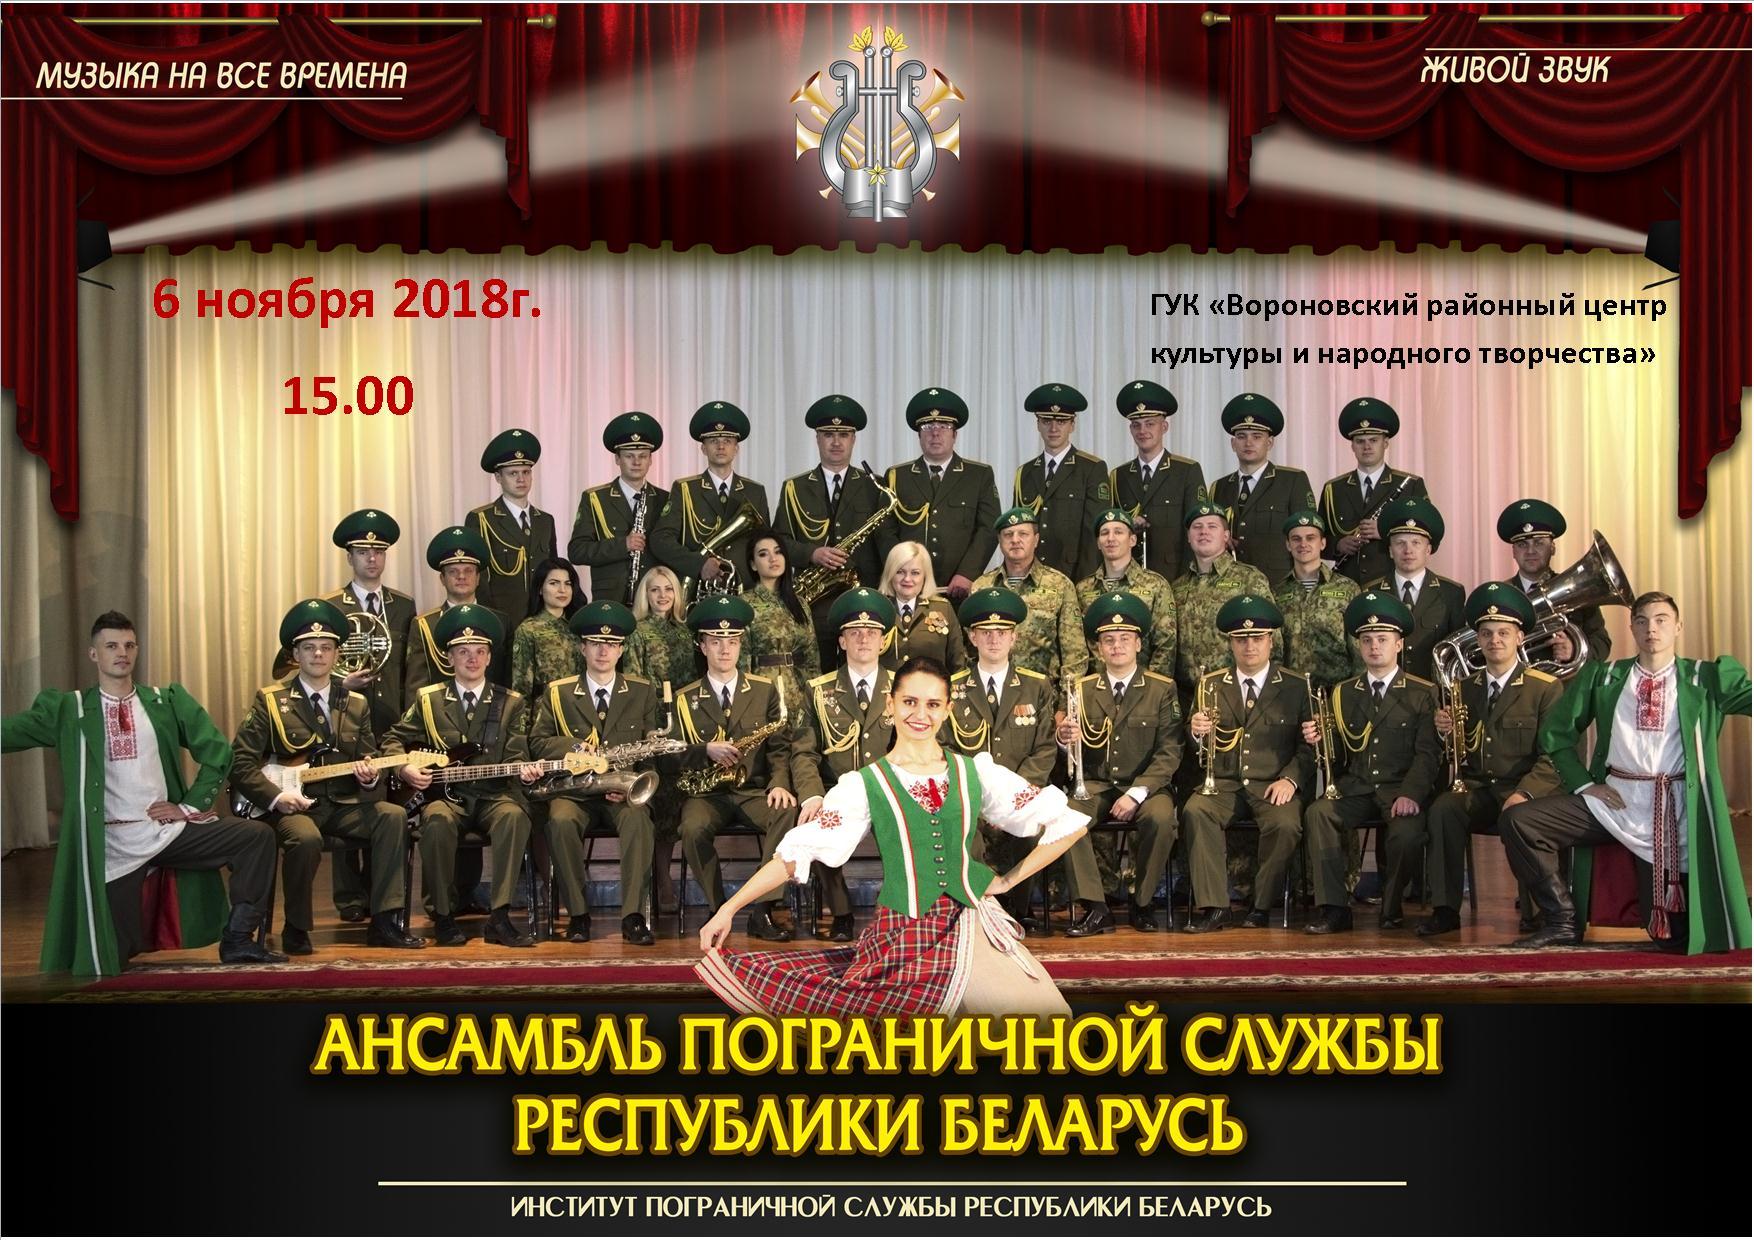 Ансамбль пограничной службы приглашает на концерт в Вороново